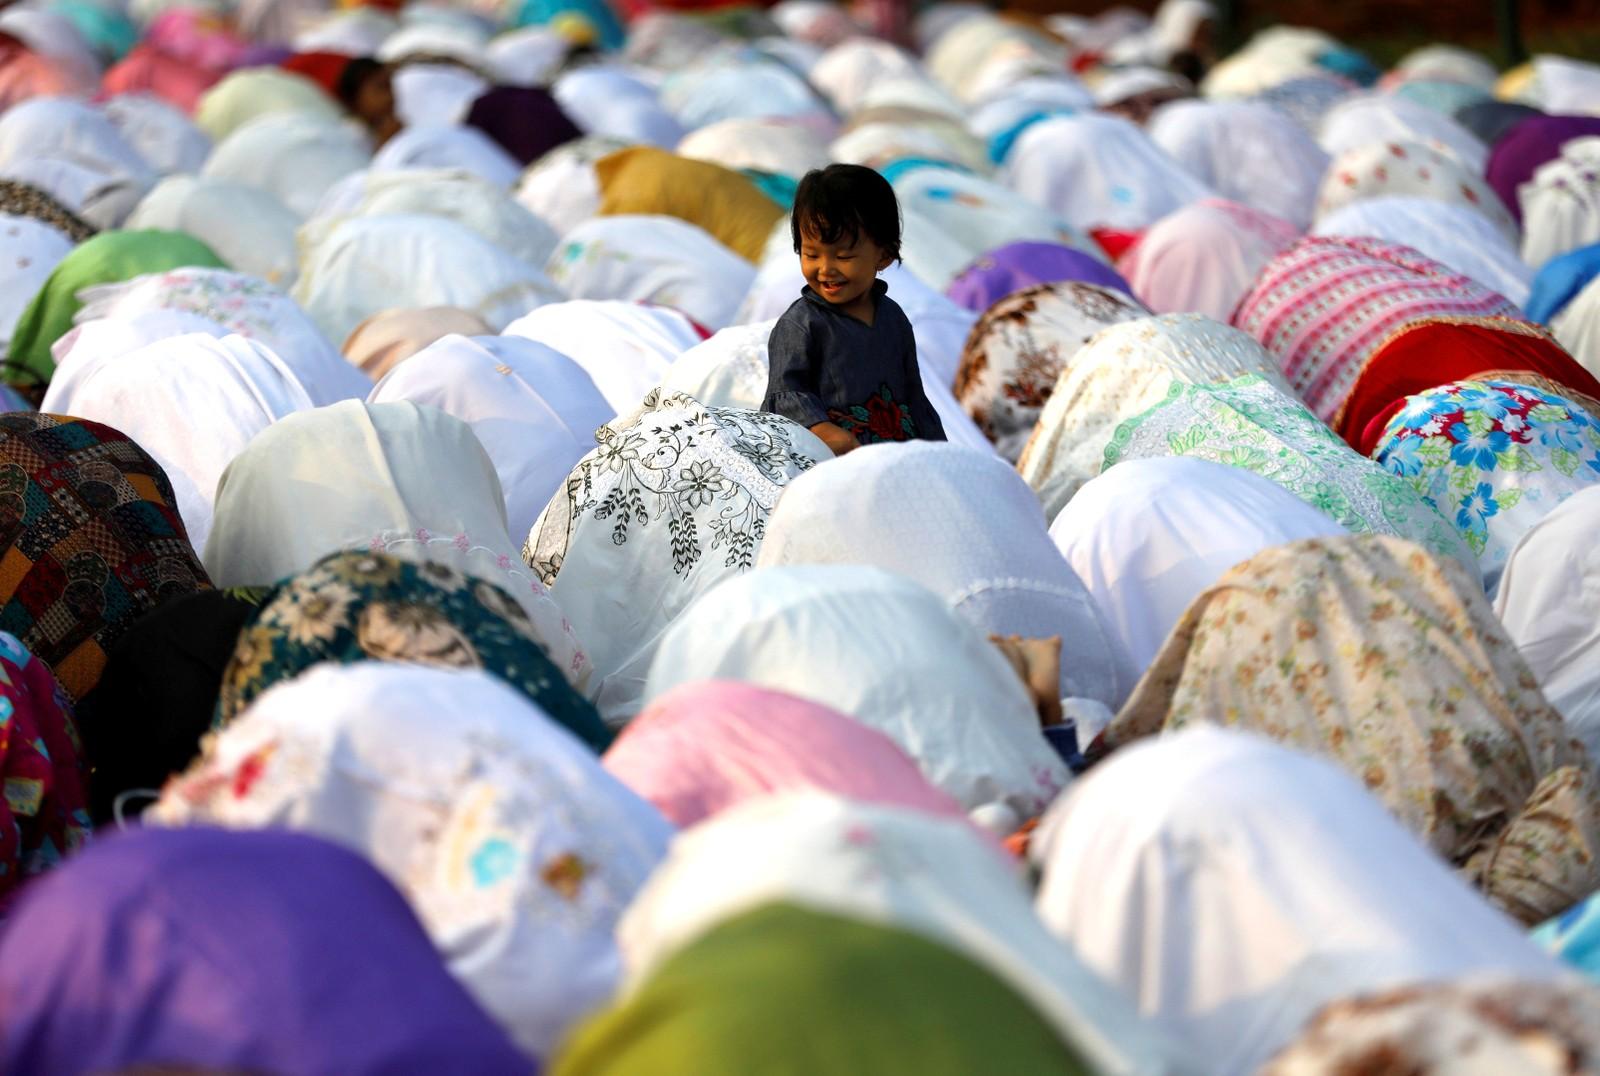 Feiring av den muslimske høytiden Id al-adha på gata utenfor en moské i Jakarta i Indonesia.